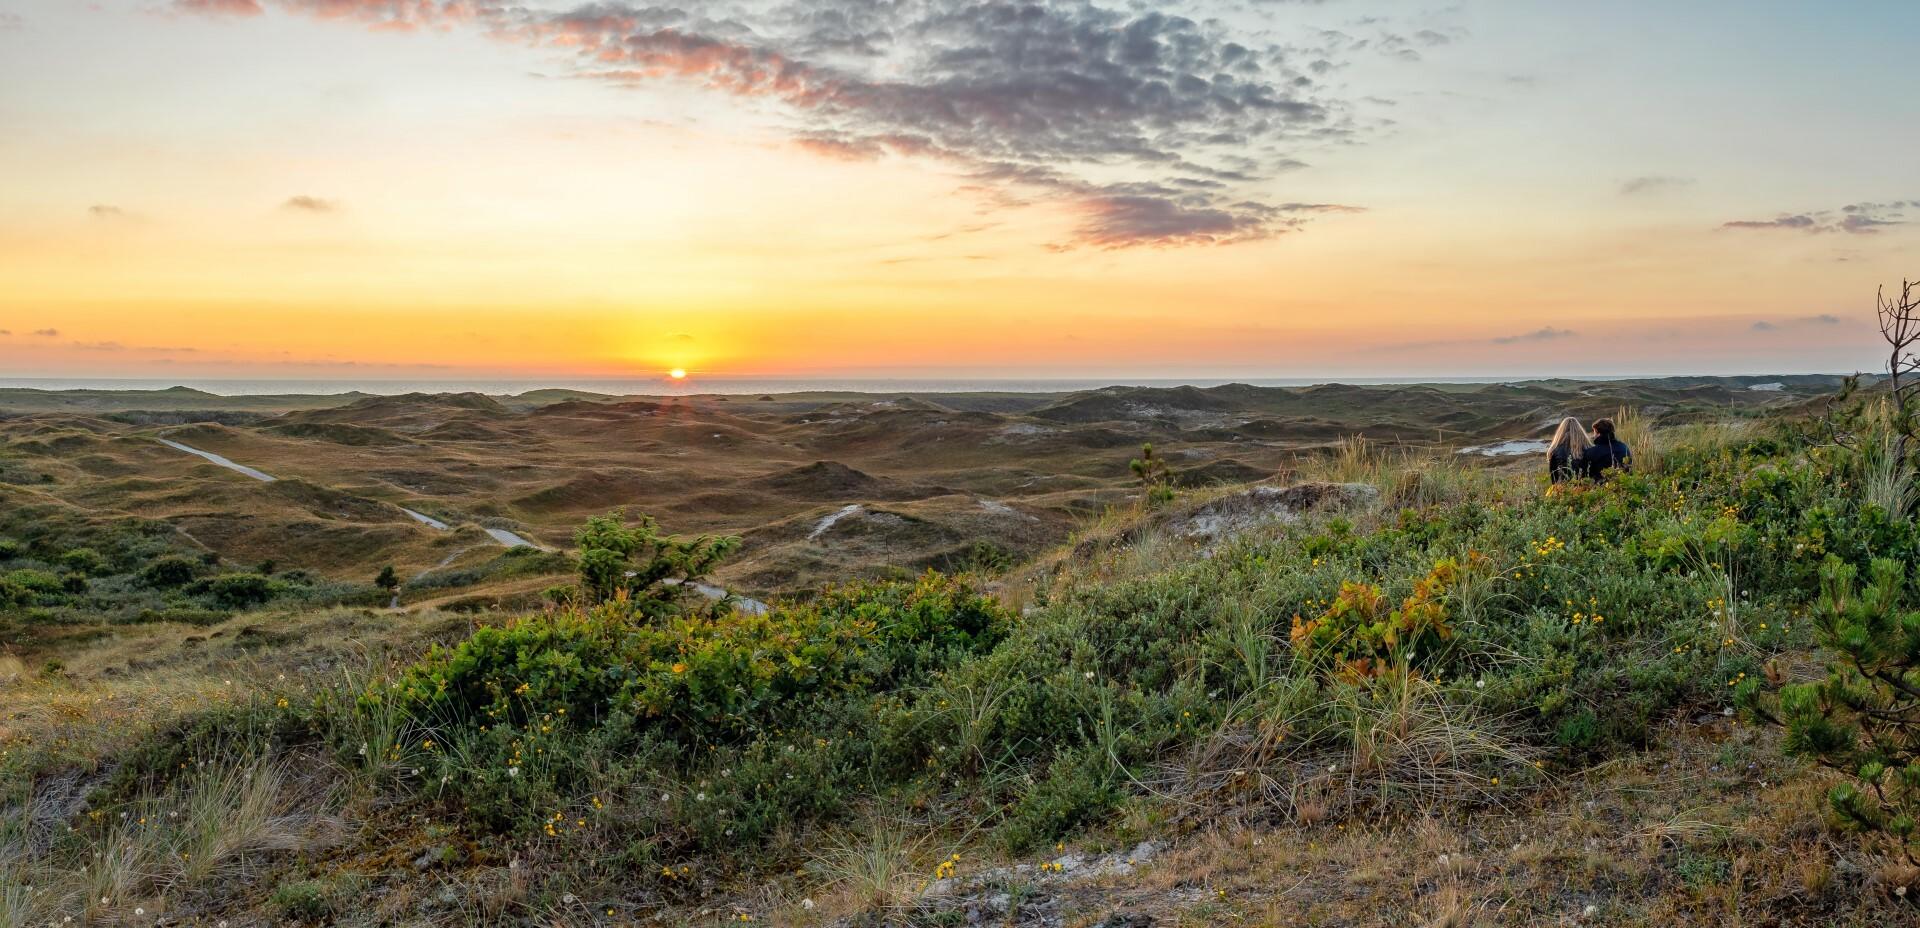 Stel in de duinen bij de zonsondergang VVV Texel fotograaf Justin Sinner